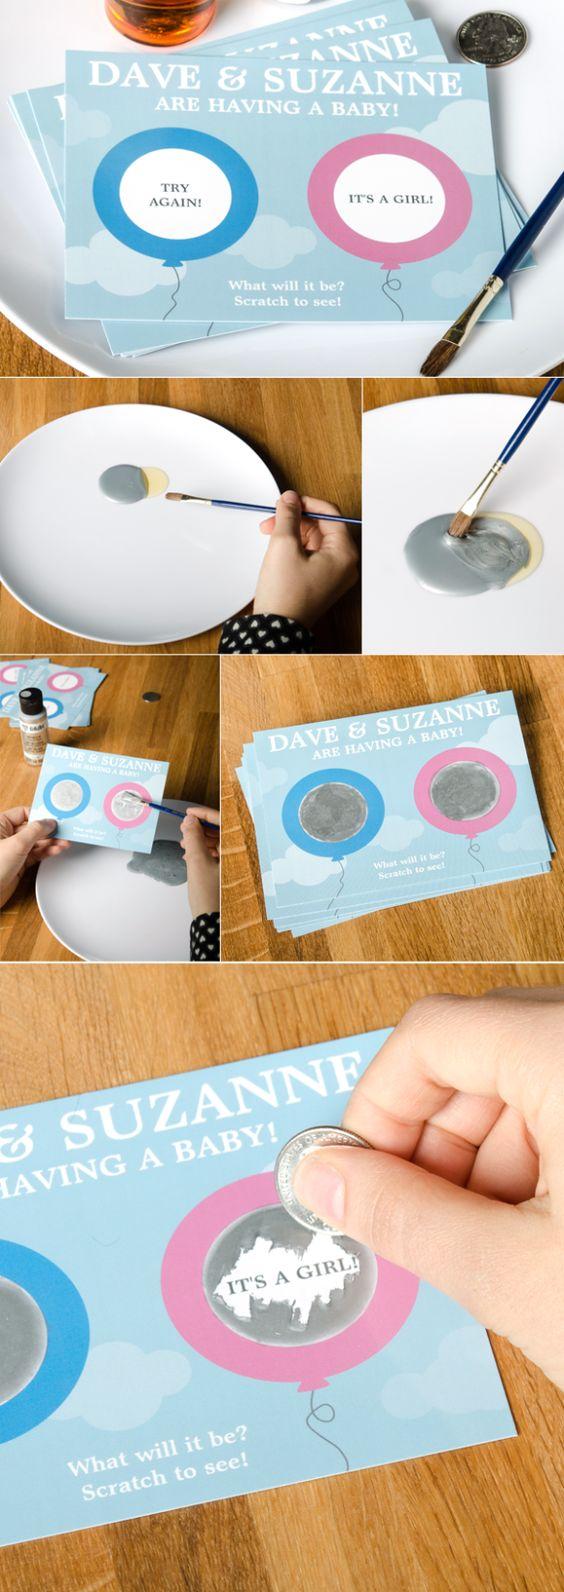 Gratter liquide vaisselle et peinture acrylique liquide couleur argent di - Peinture pour vaisselle ...